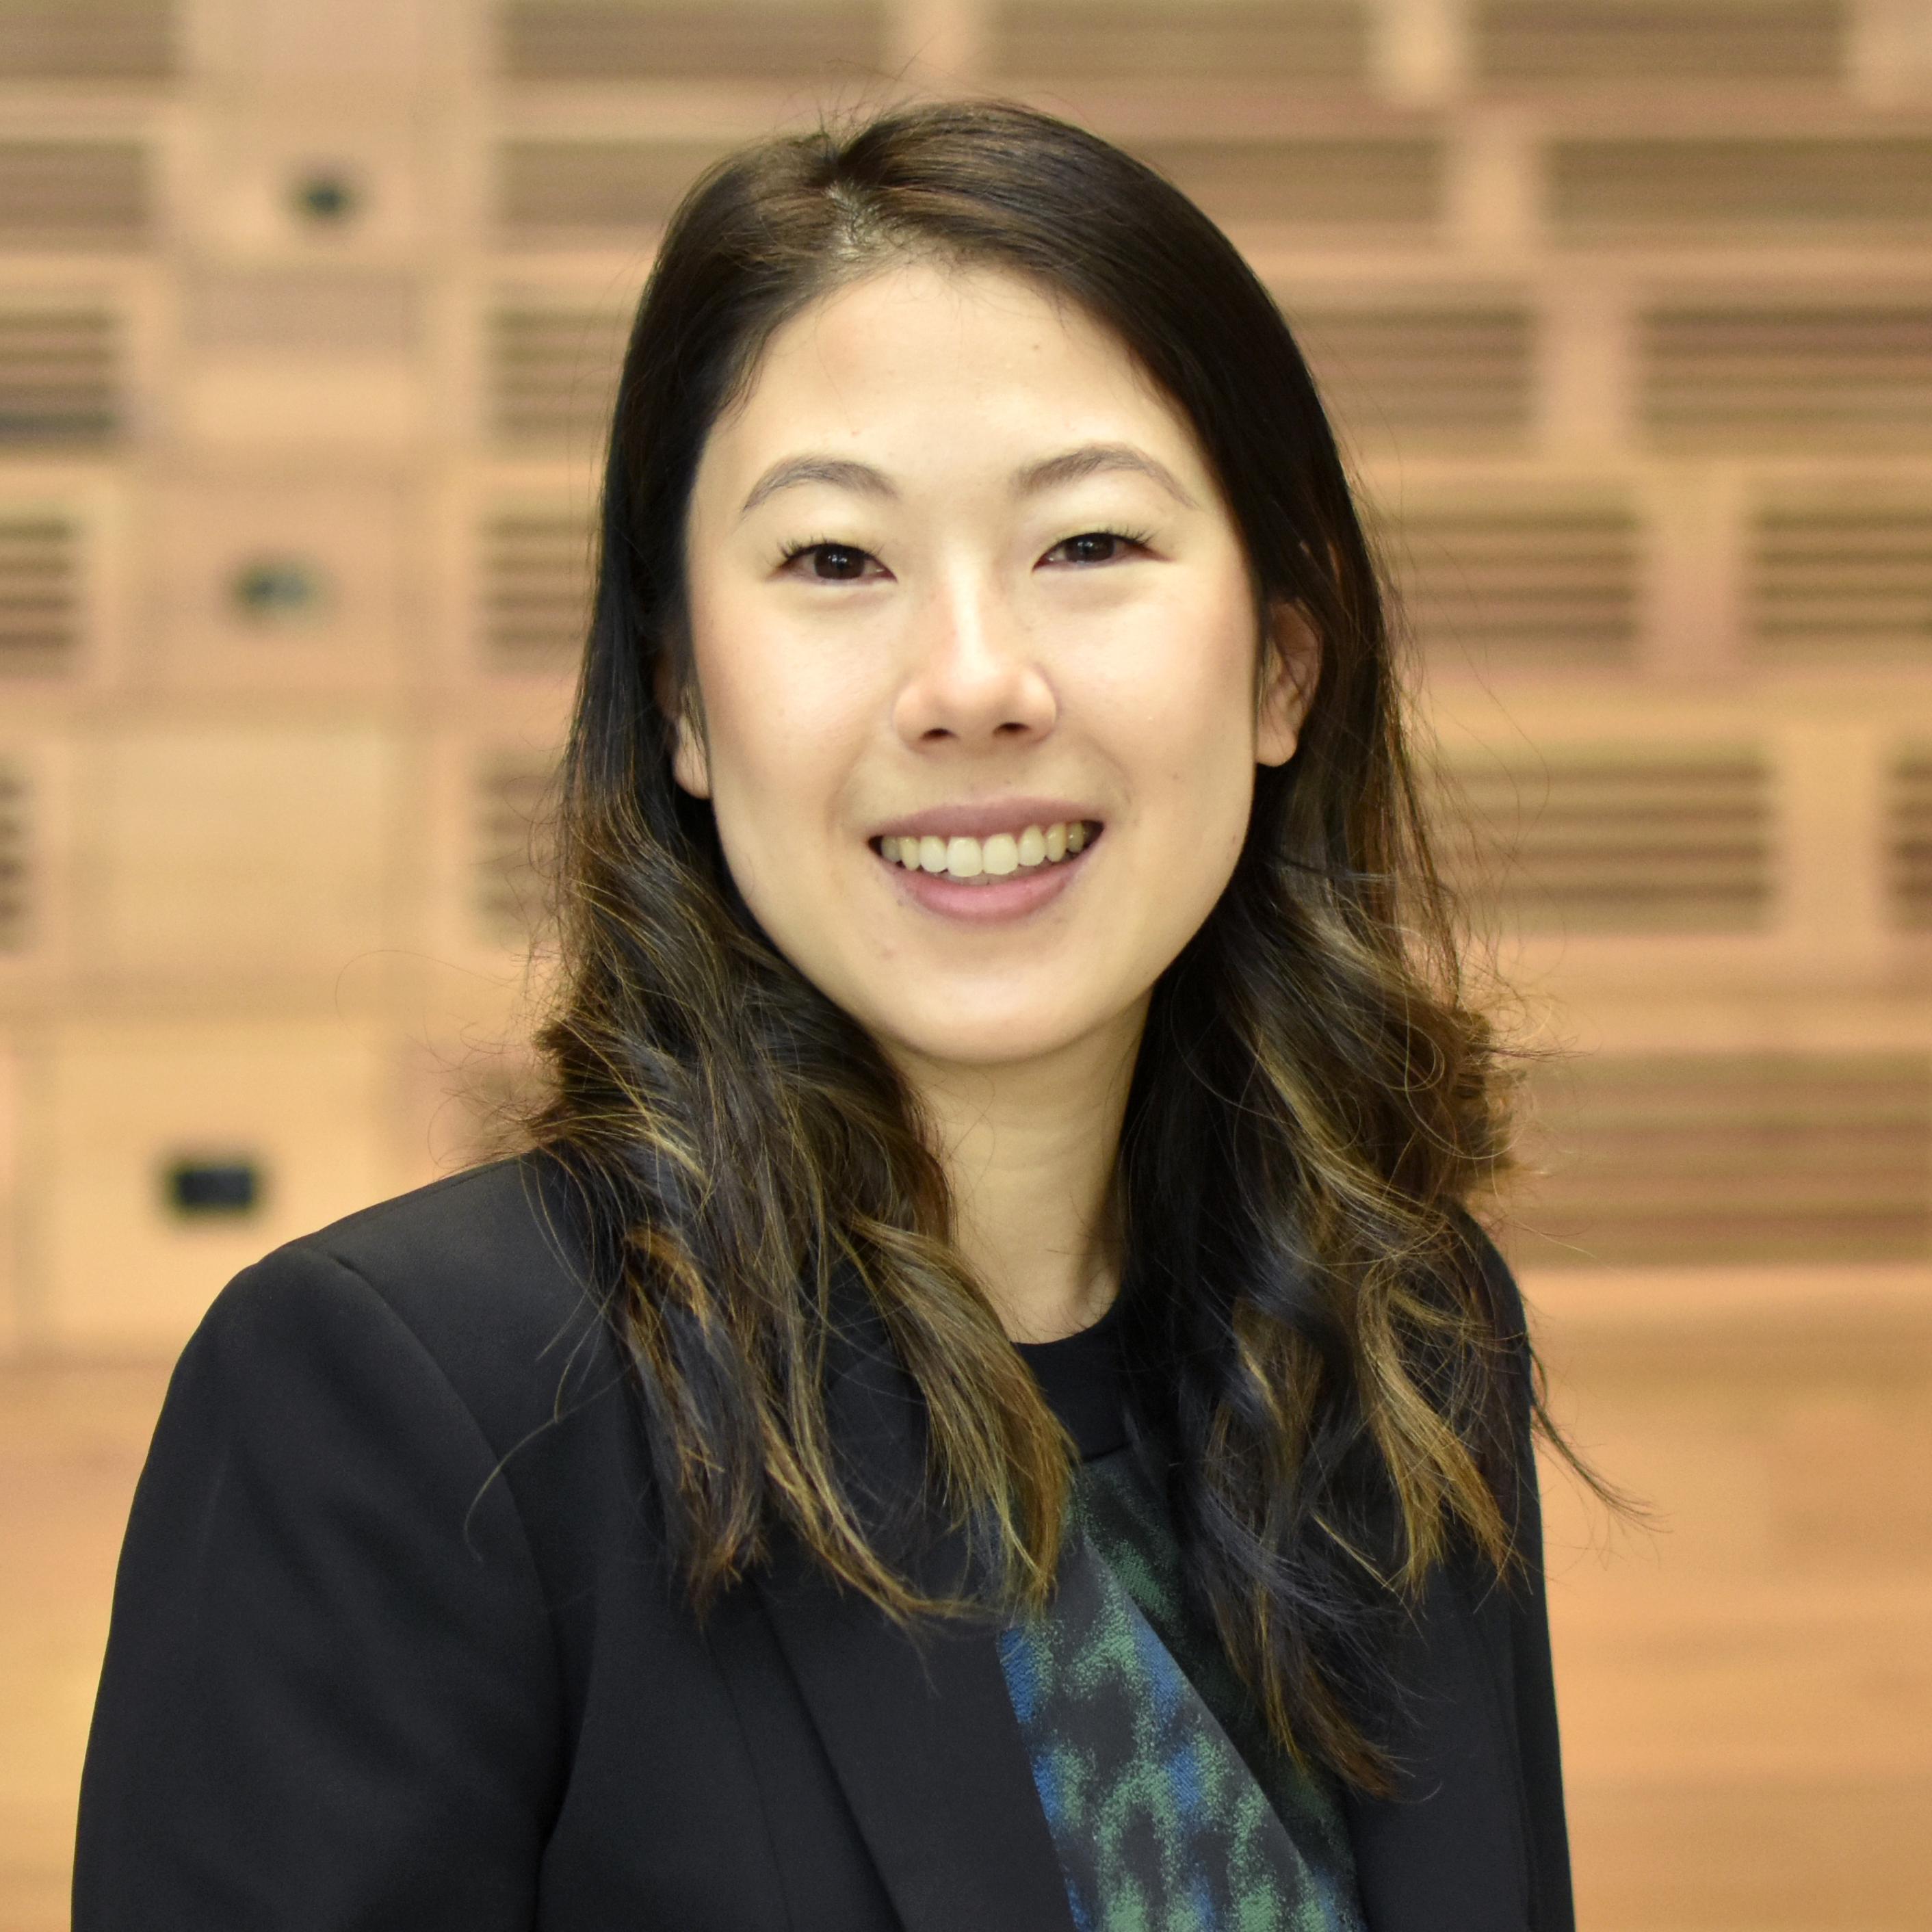 Justine Sik